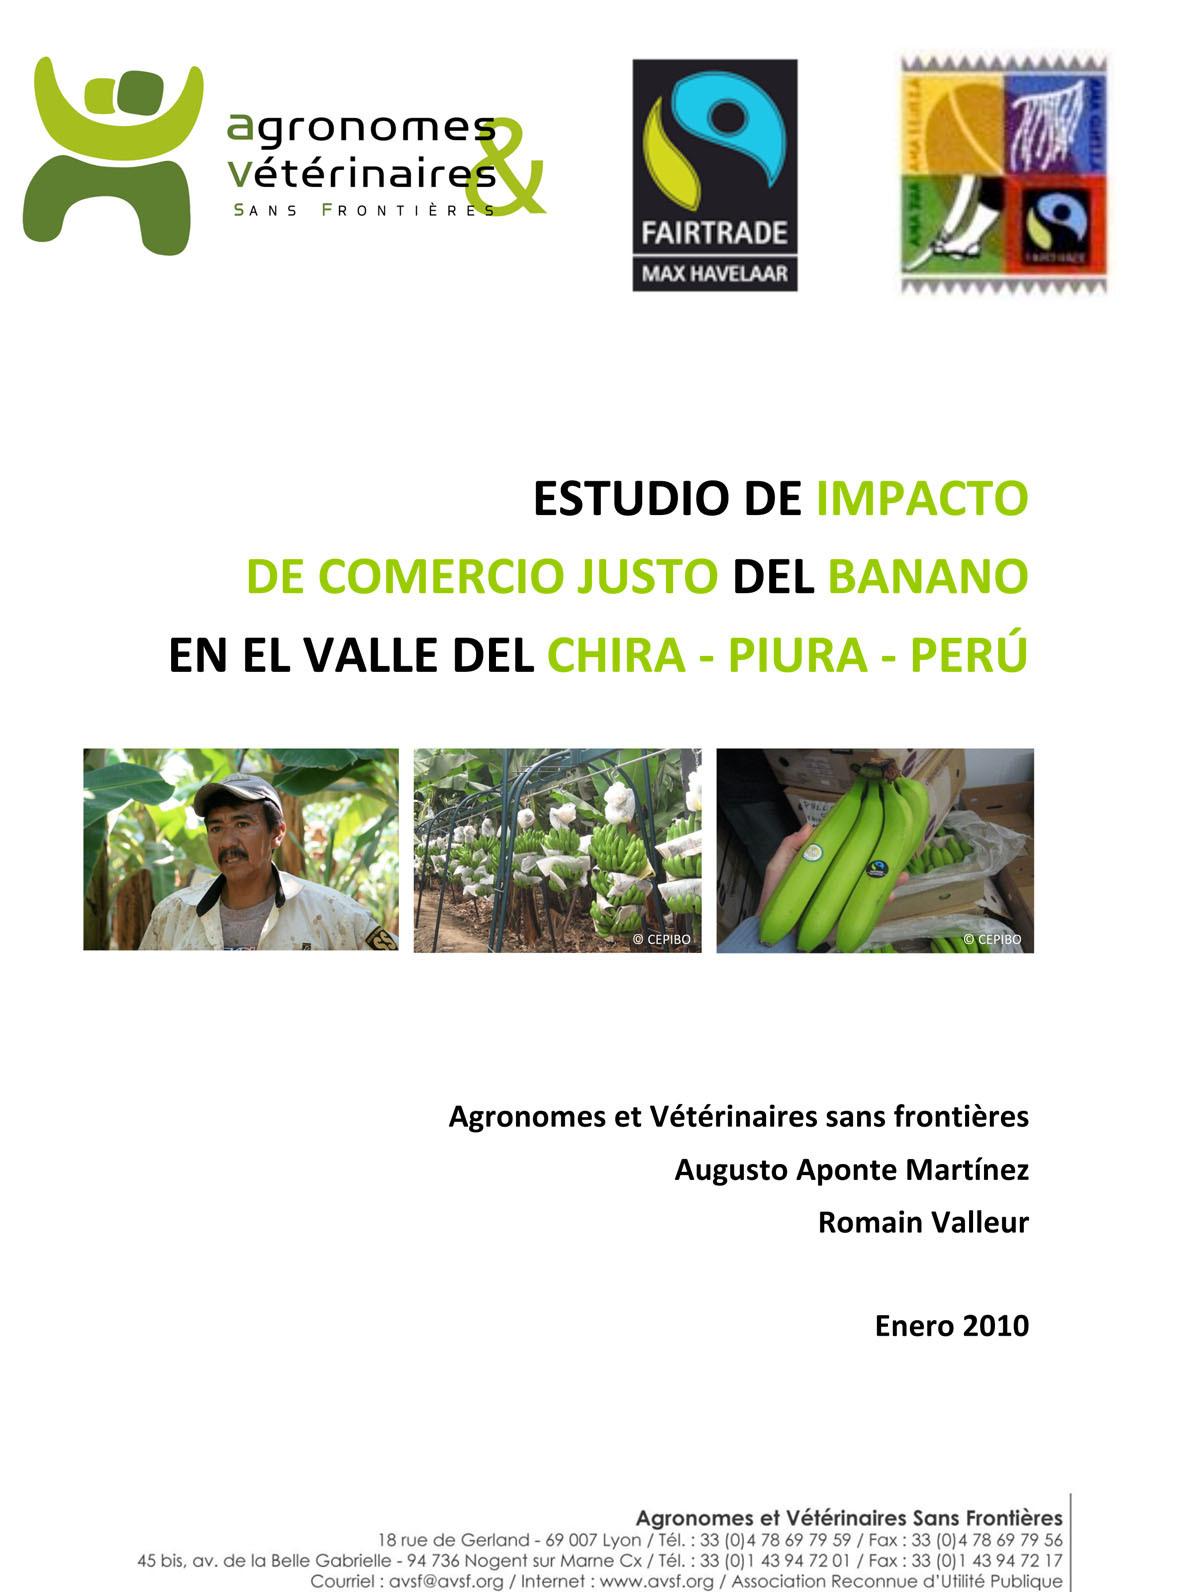 Thumbnail - Impacto del comercio justo en el sector bananero de Chira (Piura - Peru)